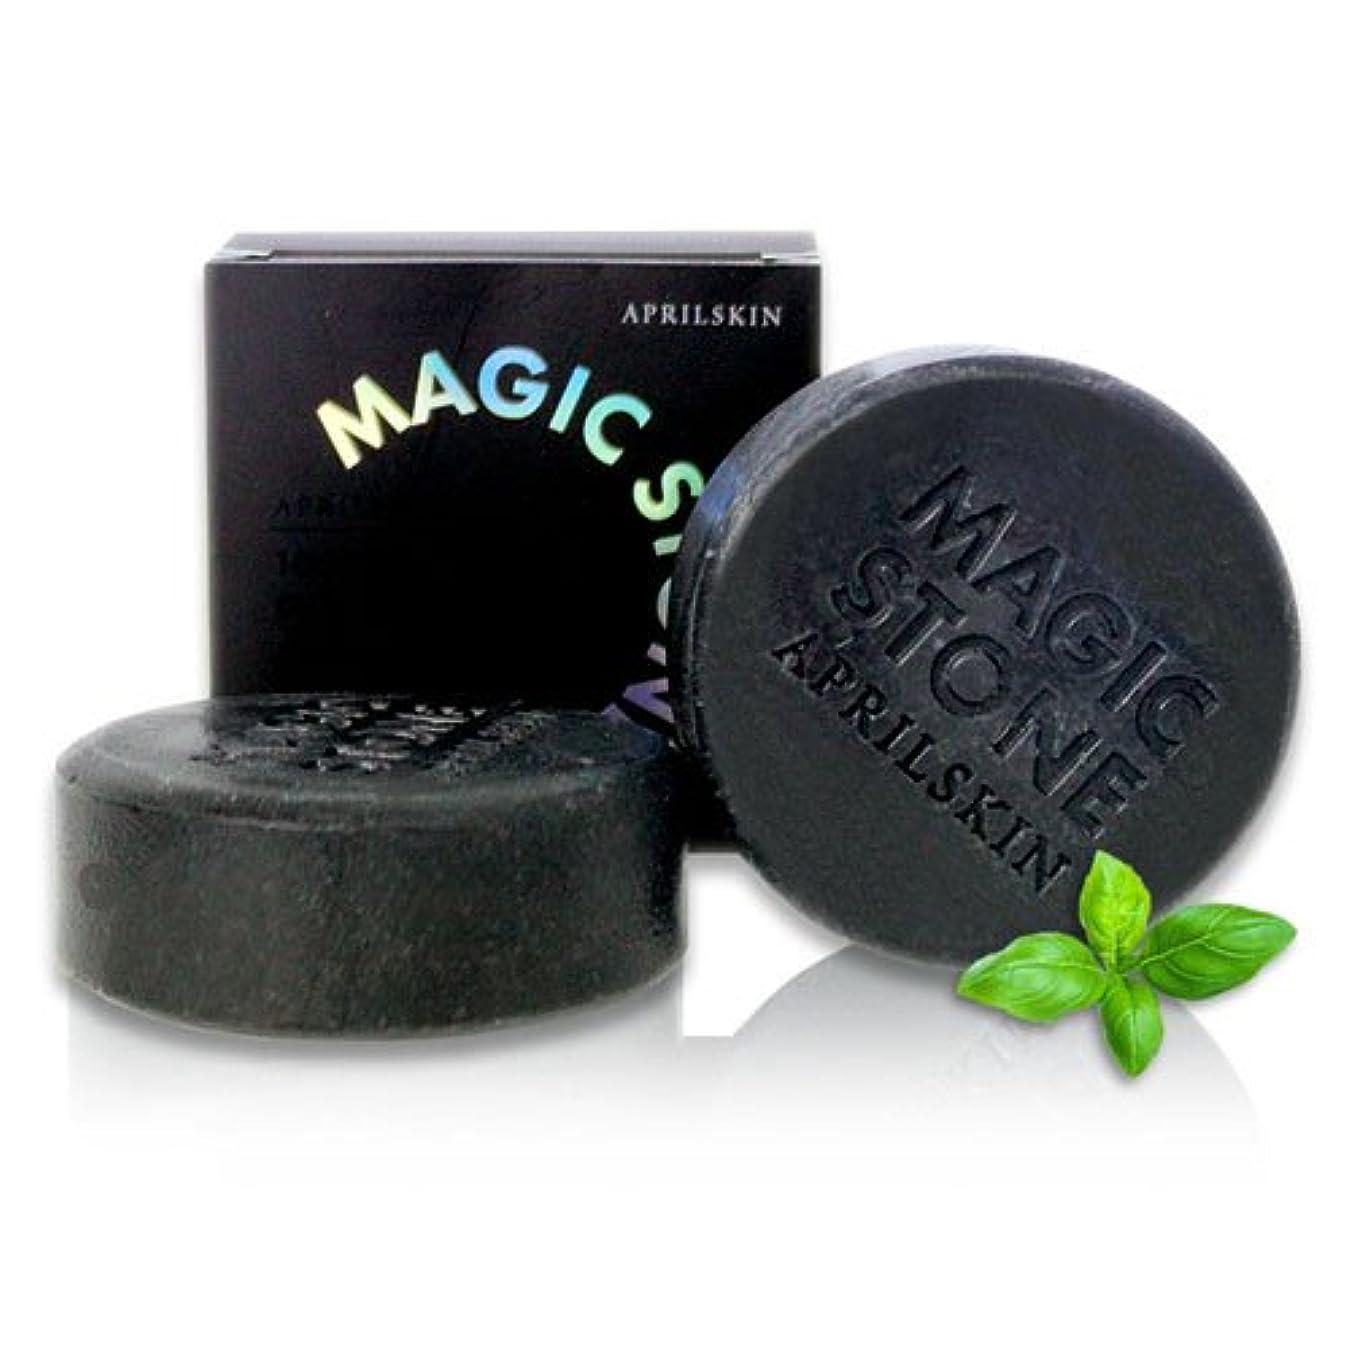 火薬飛行機謎めいたエープリル?スキン [韓国コスメ April Skin] マジック ストーン (100%天然石けん) Magic Stone Black [海外直送品][並行輸入品]